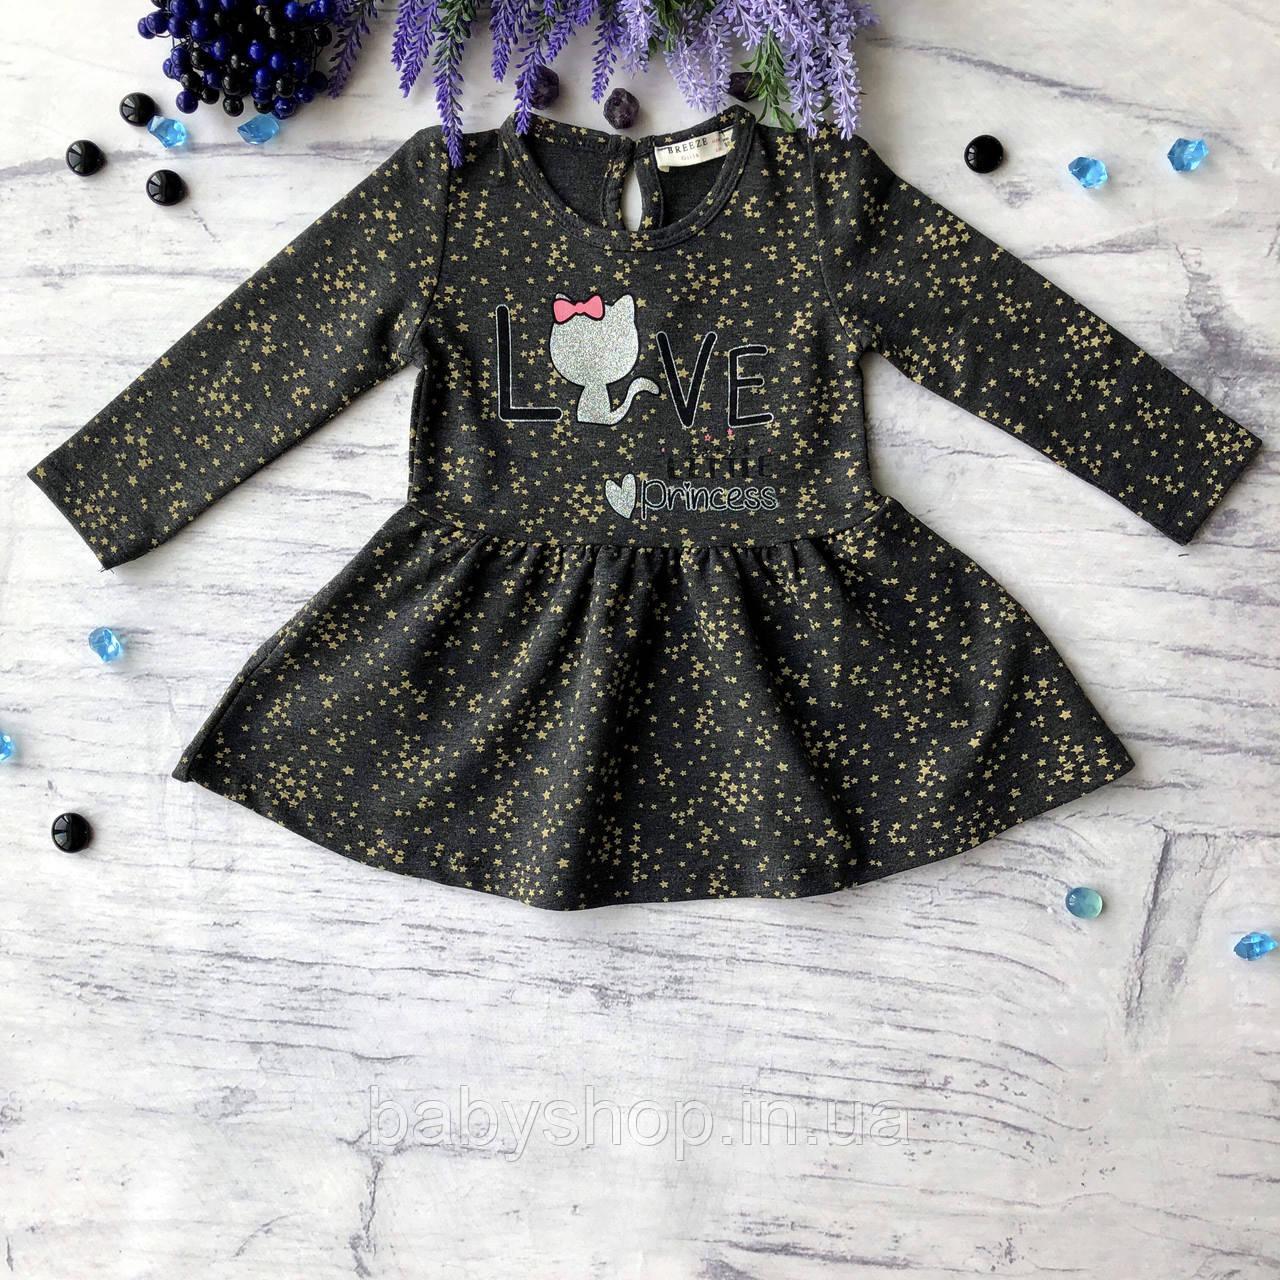 Платье на девочку Breeze 175. Размер  80 см, 92 см,  104 см